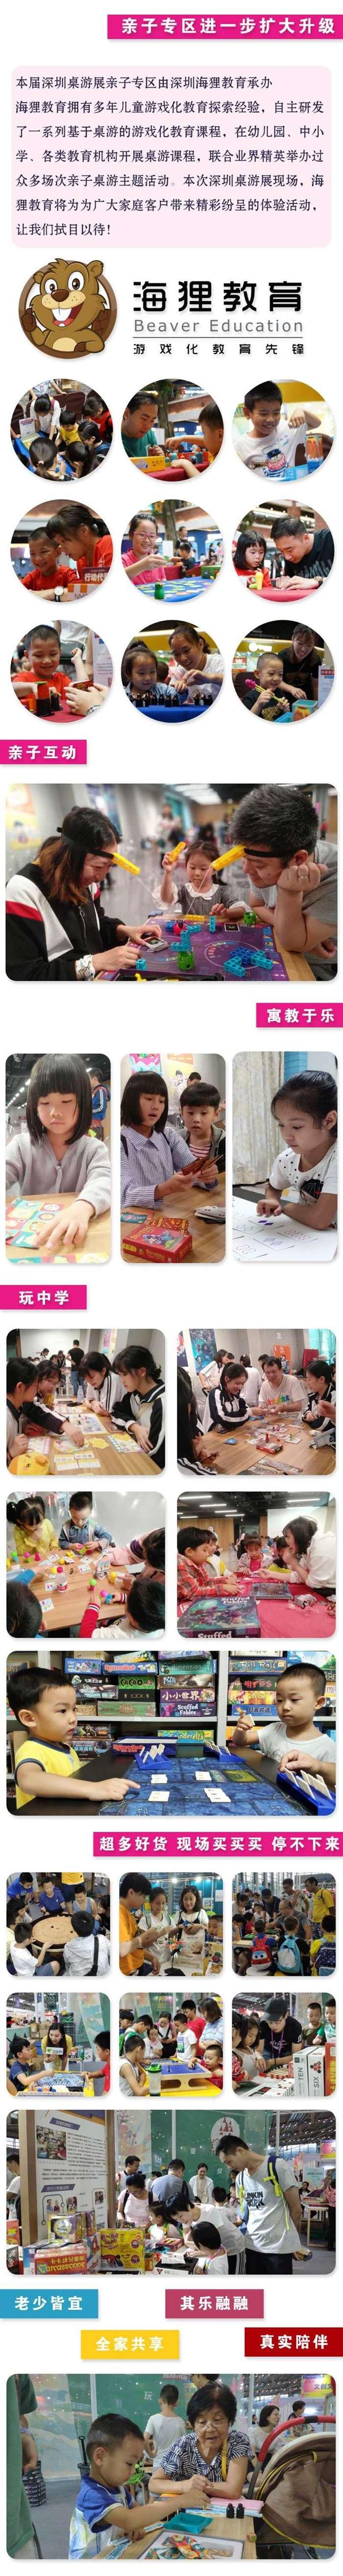 深圳桌游展 – 2.jpg